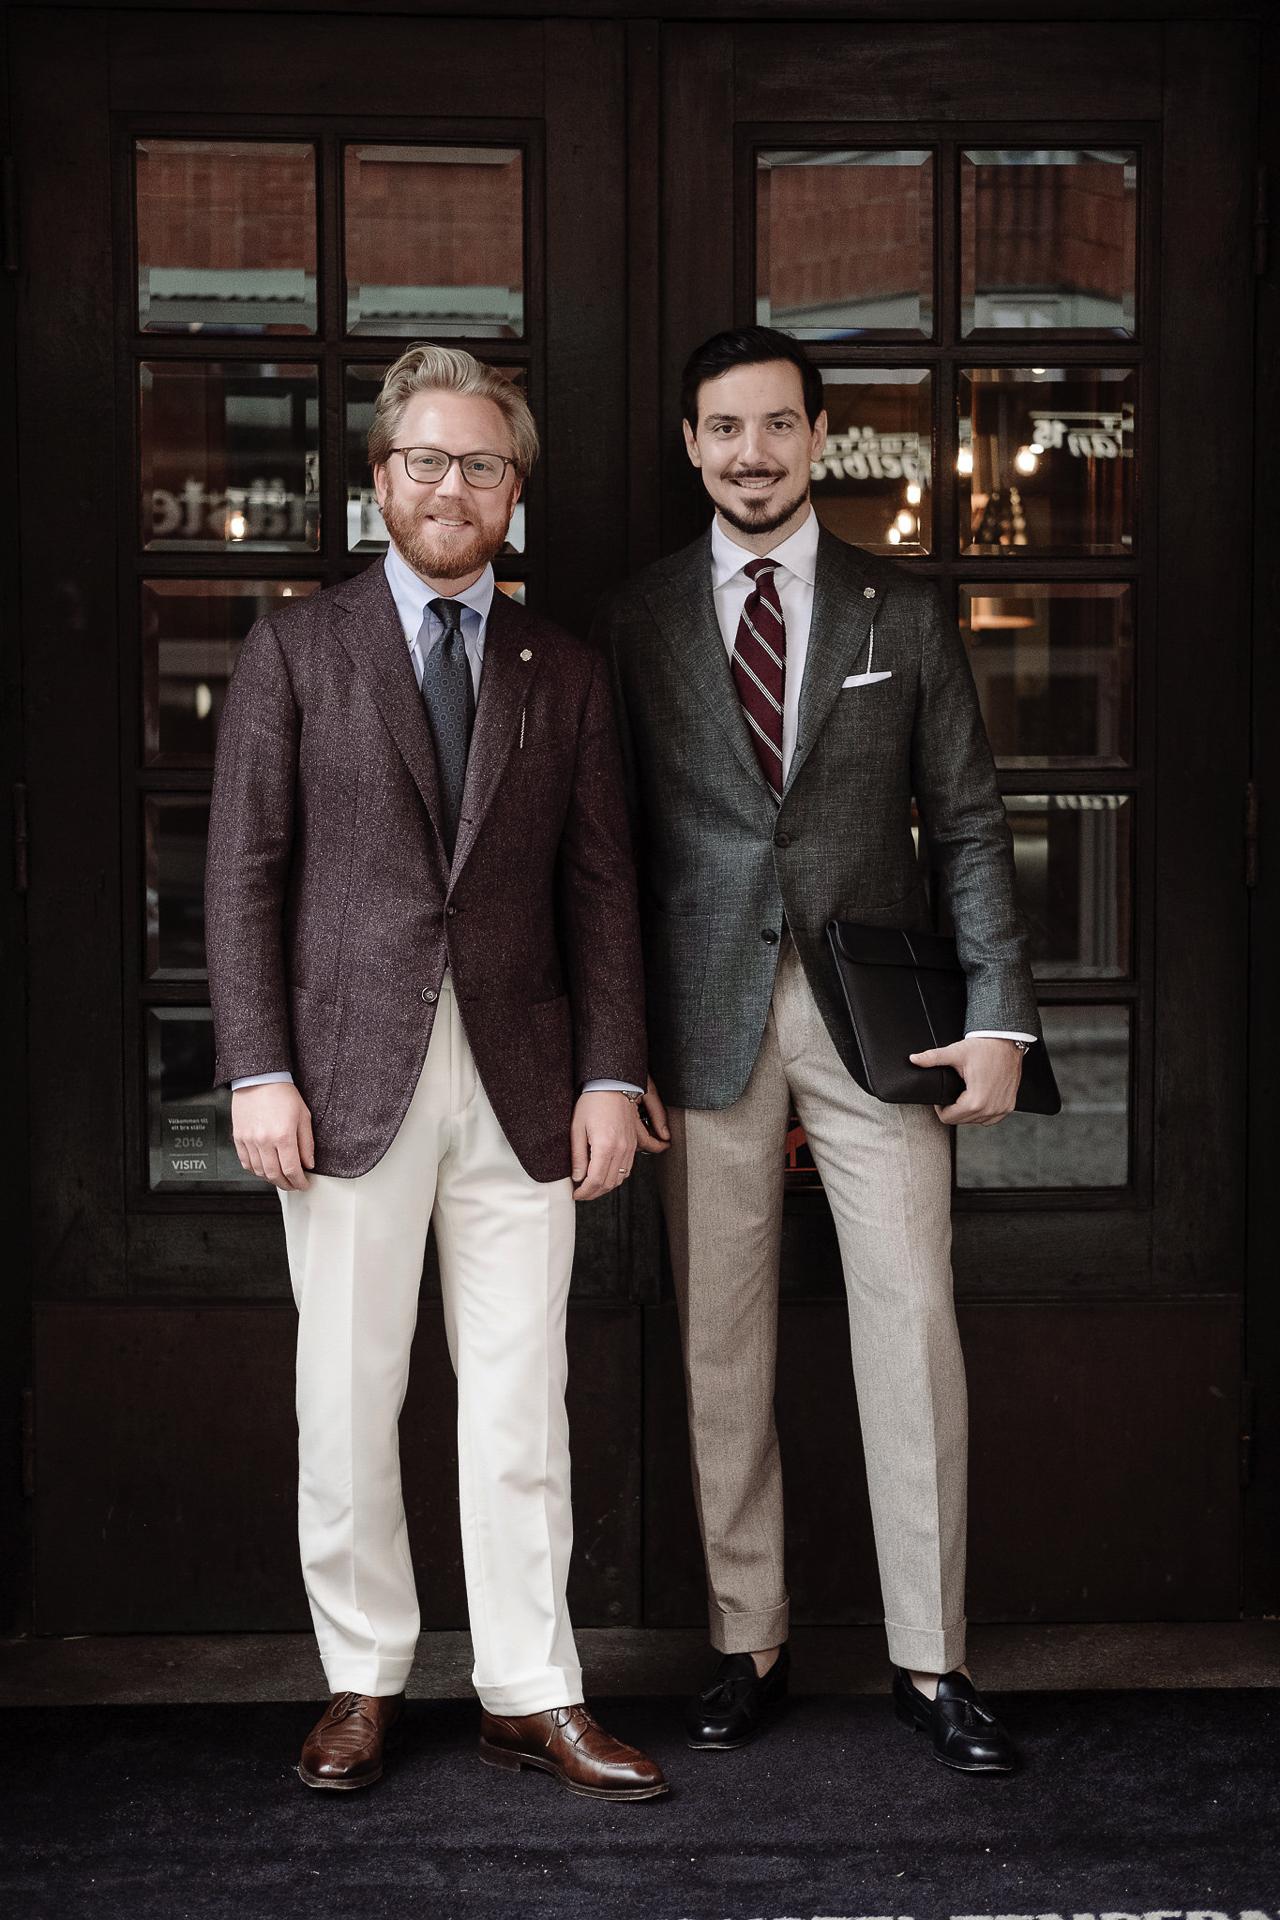 jak ubierają się Szwedzi - aleks i andreas